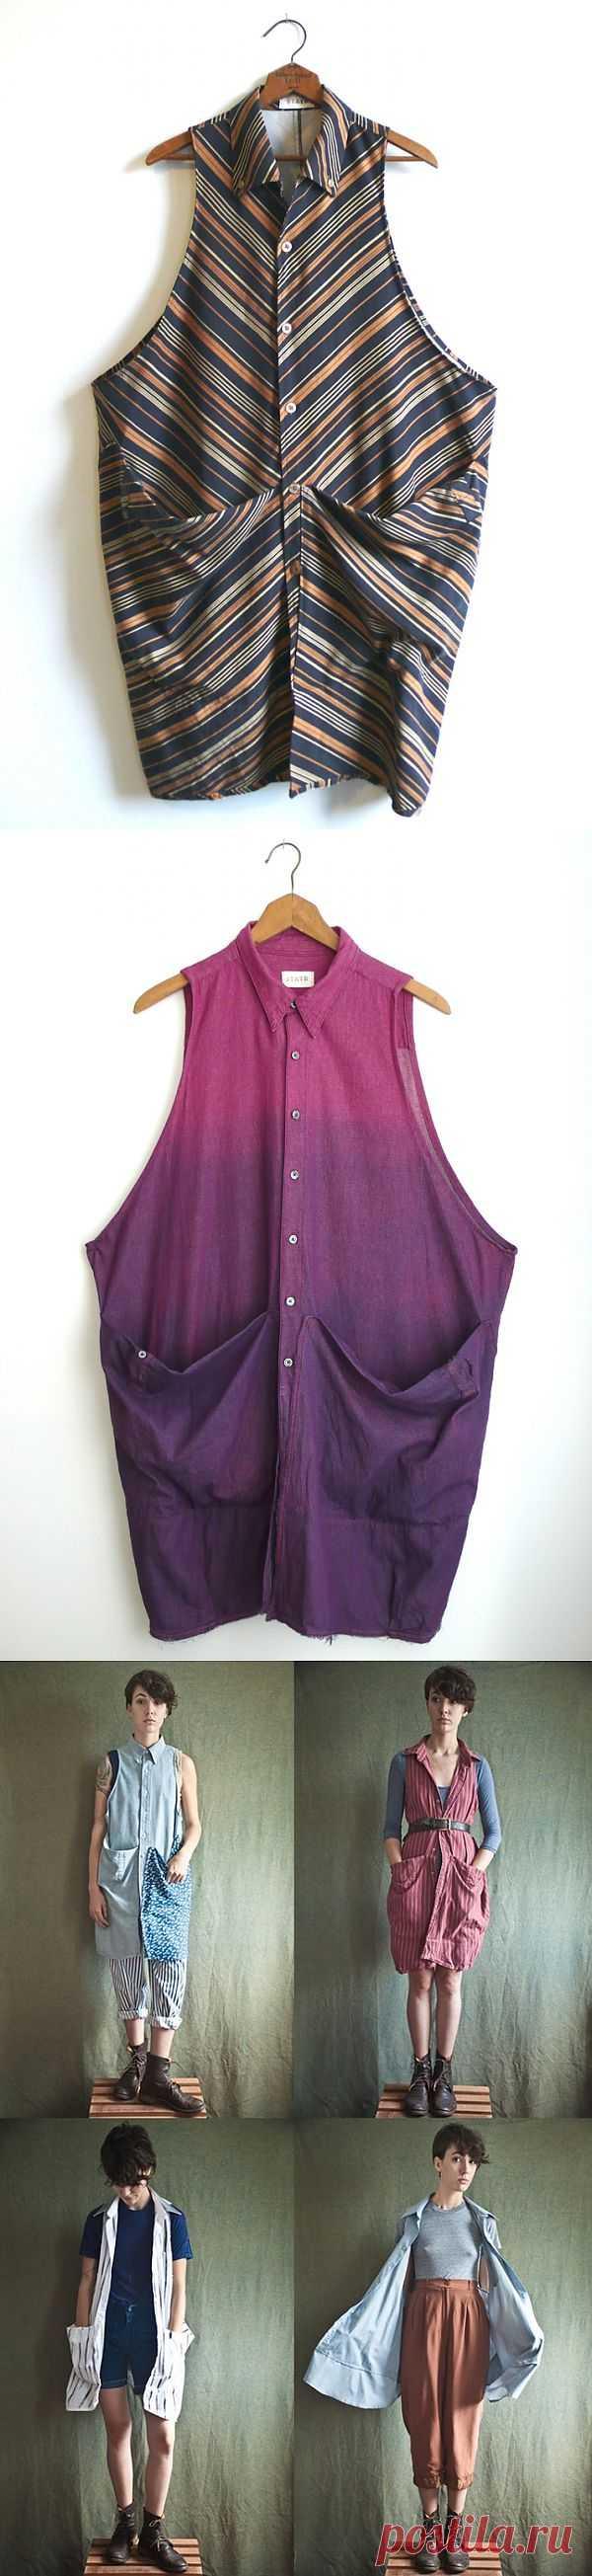 Очень длинная рубашка была... / Рубашки / Модный сайт о стильной переделке одежды и интерьера